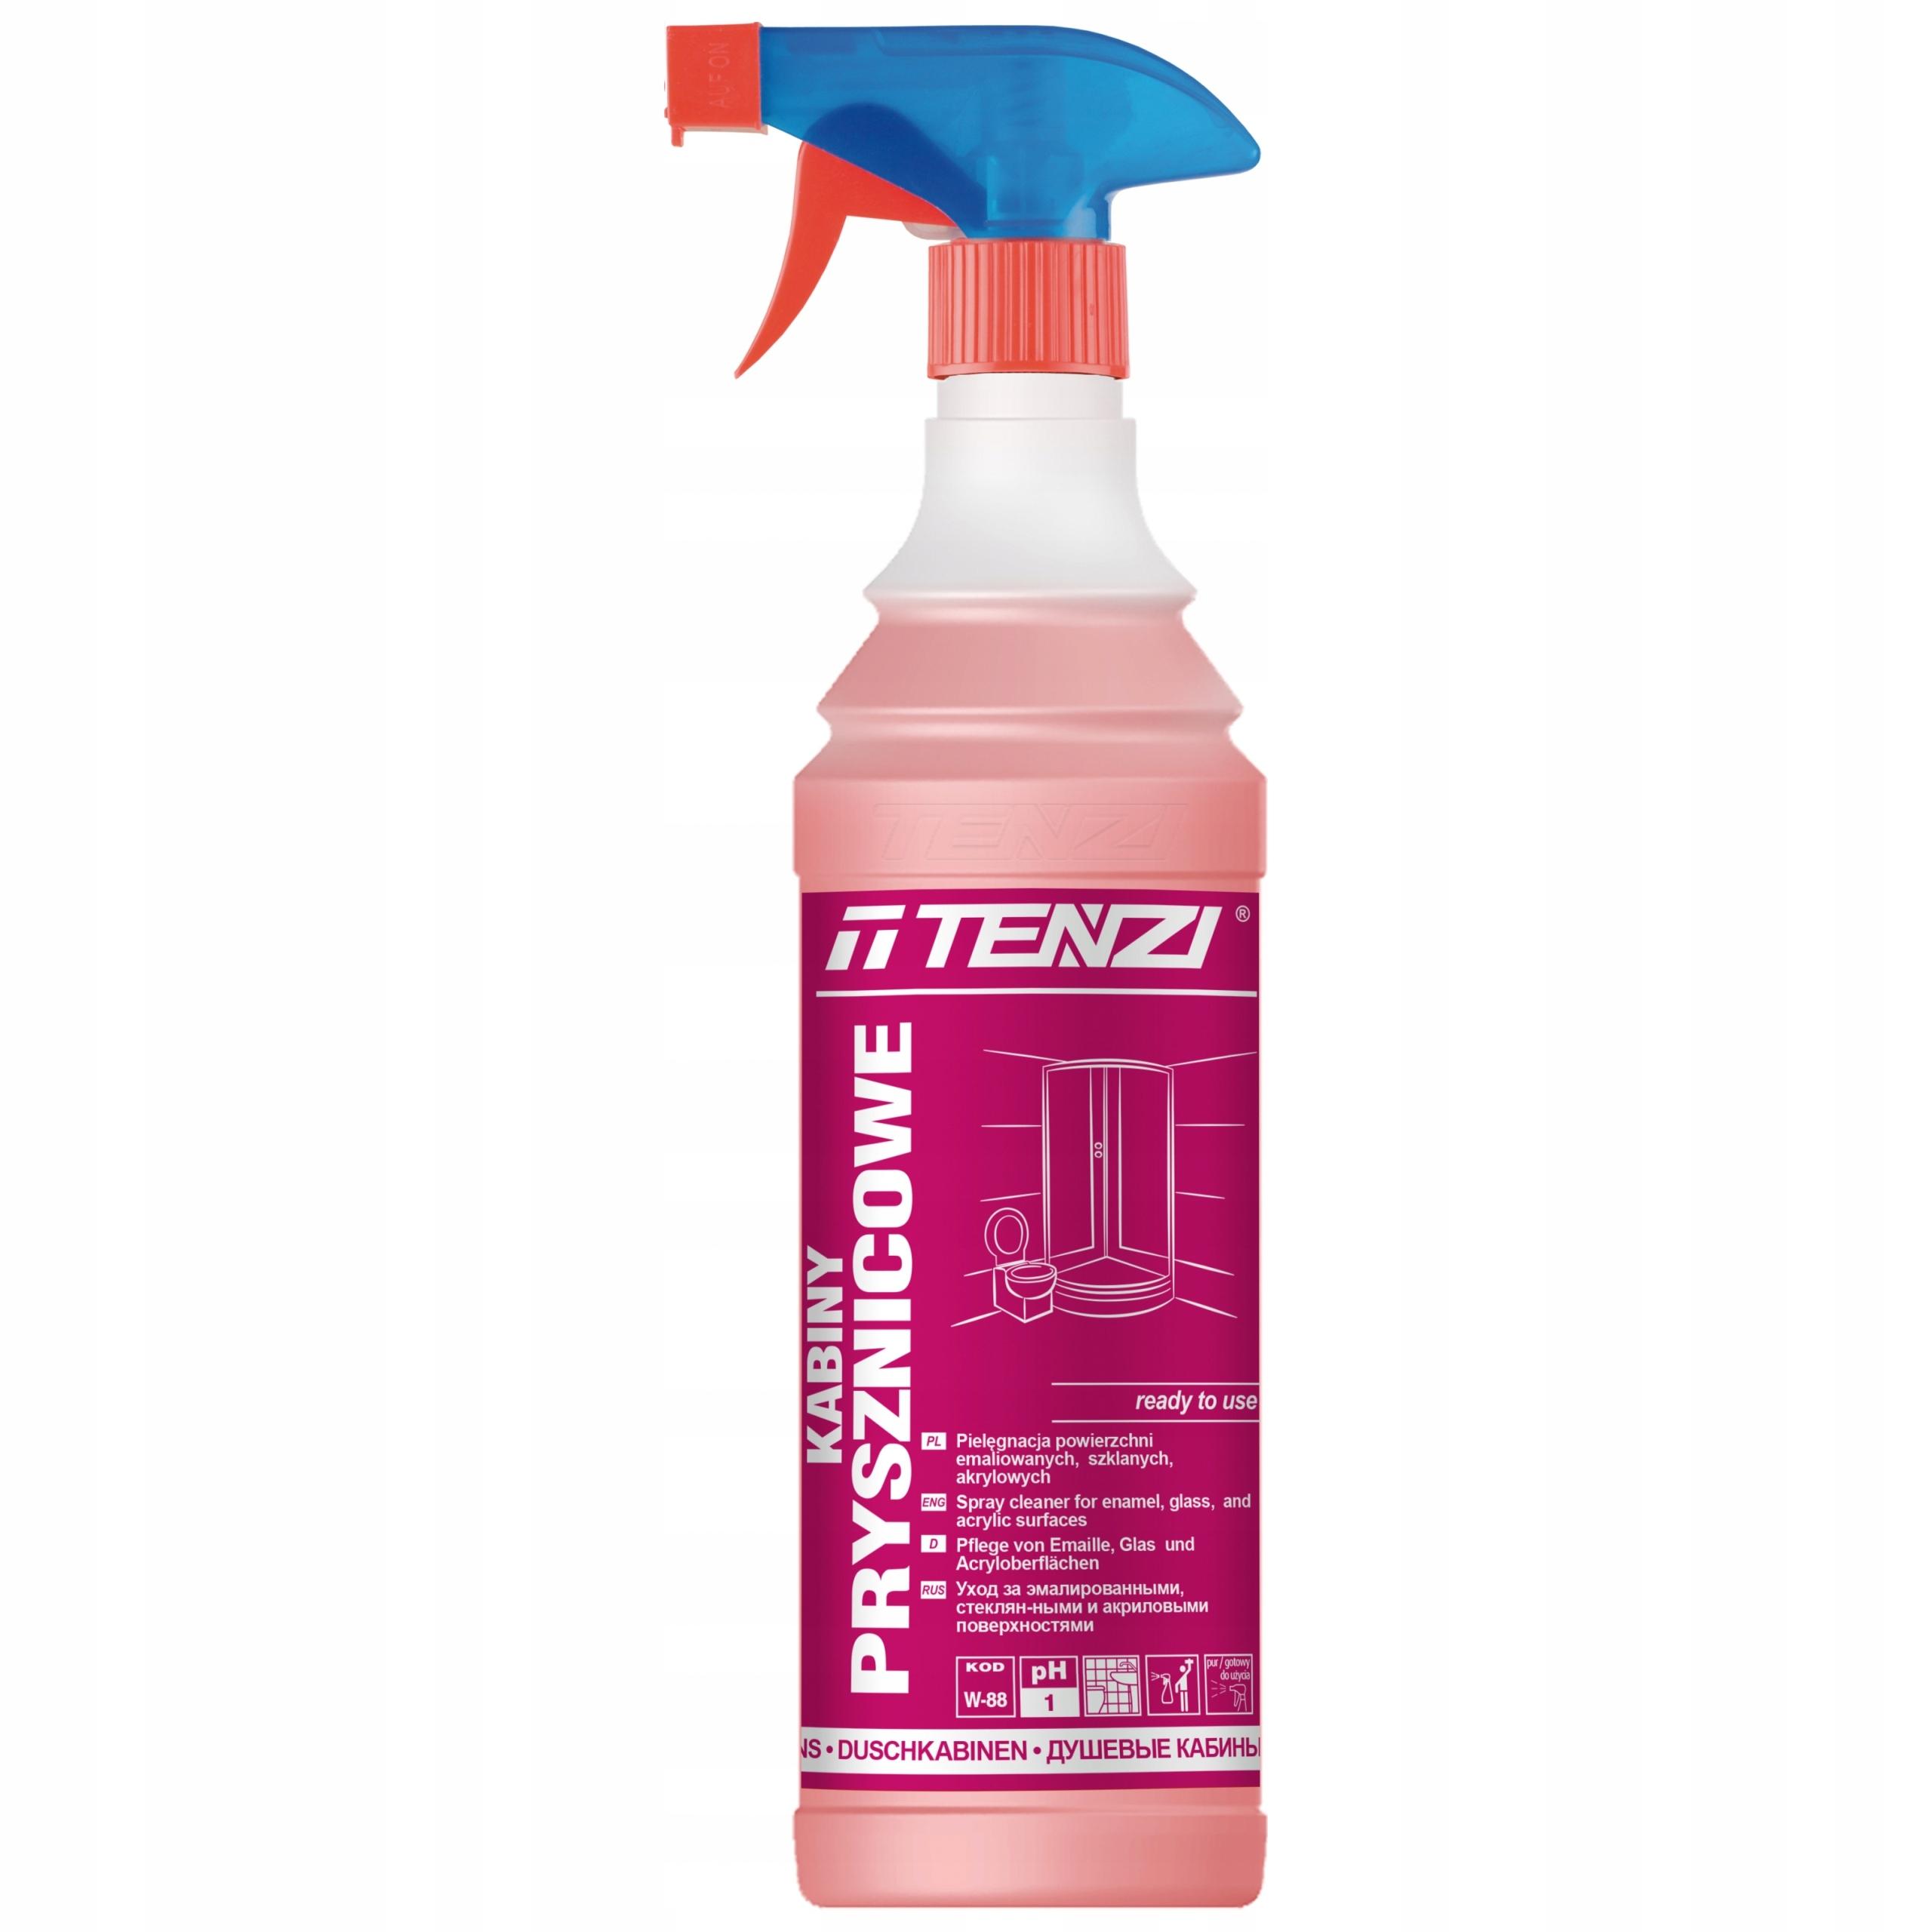 Кабины для душа Tenzi мытье очистки 600 мл